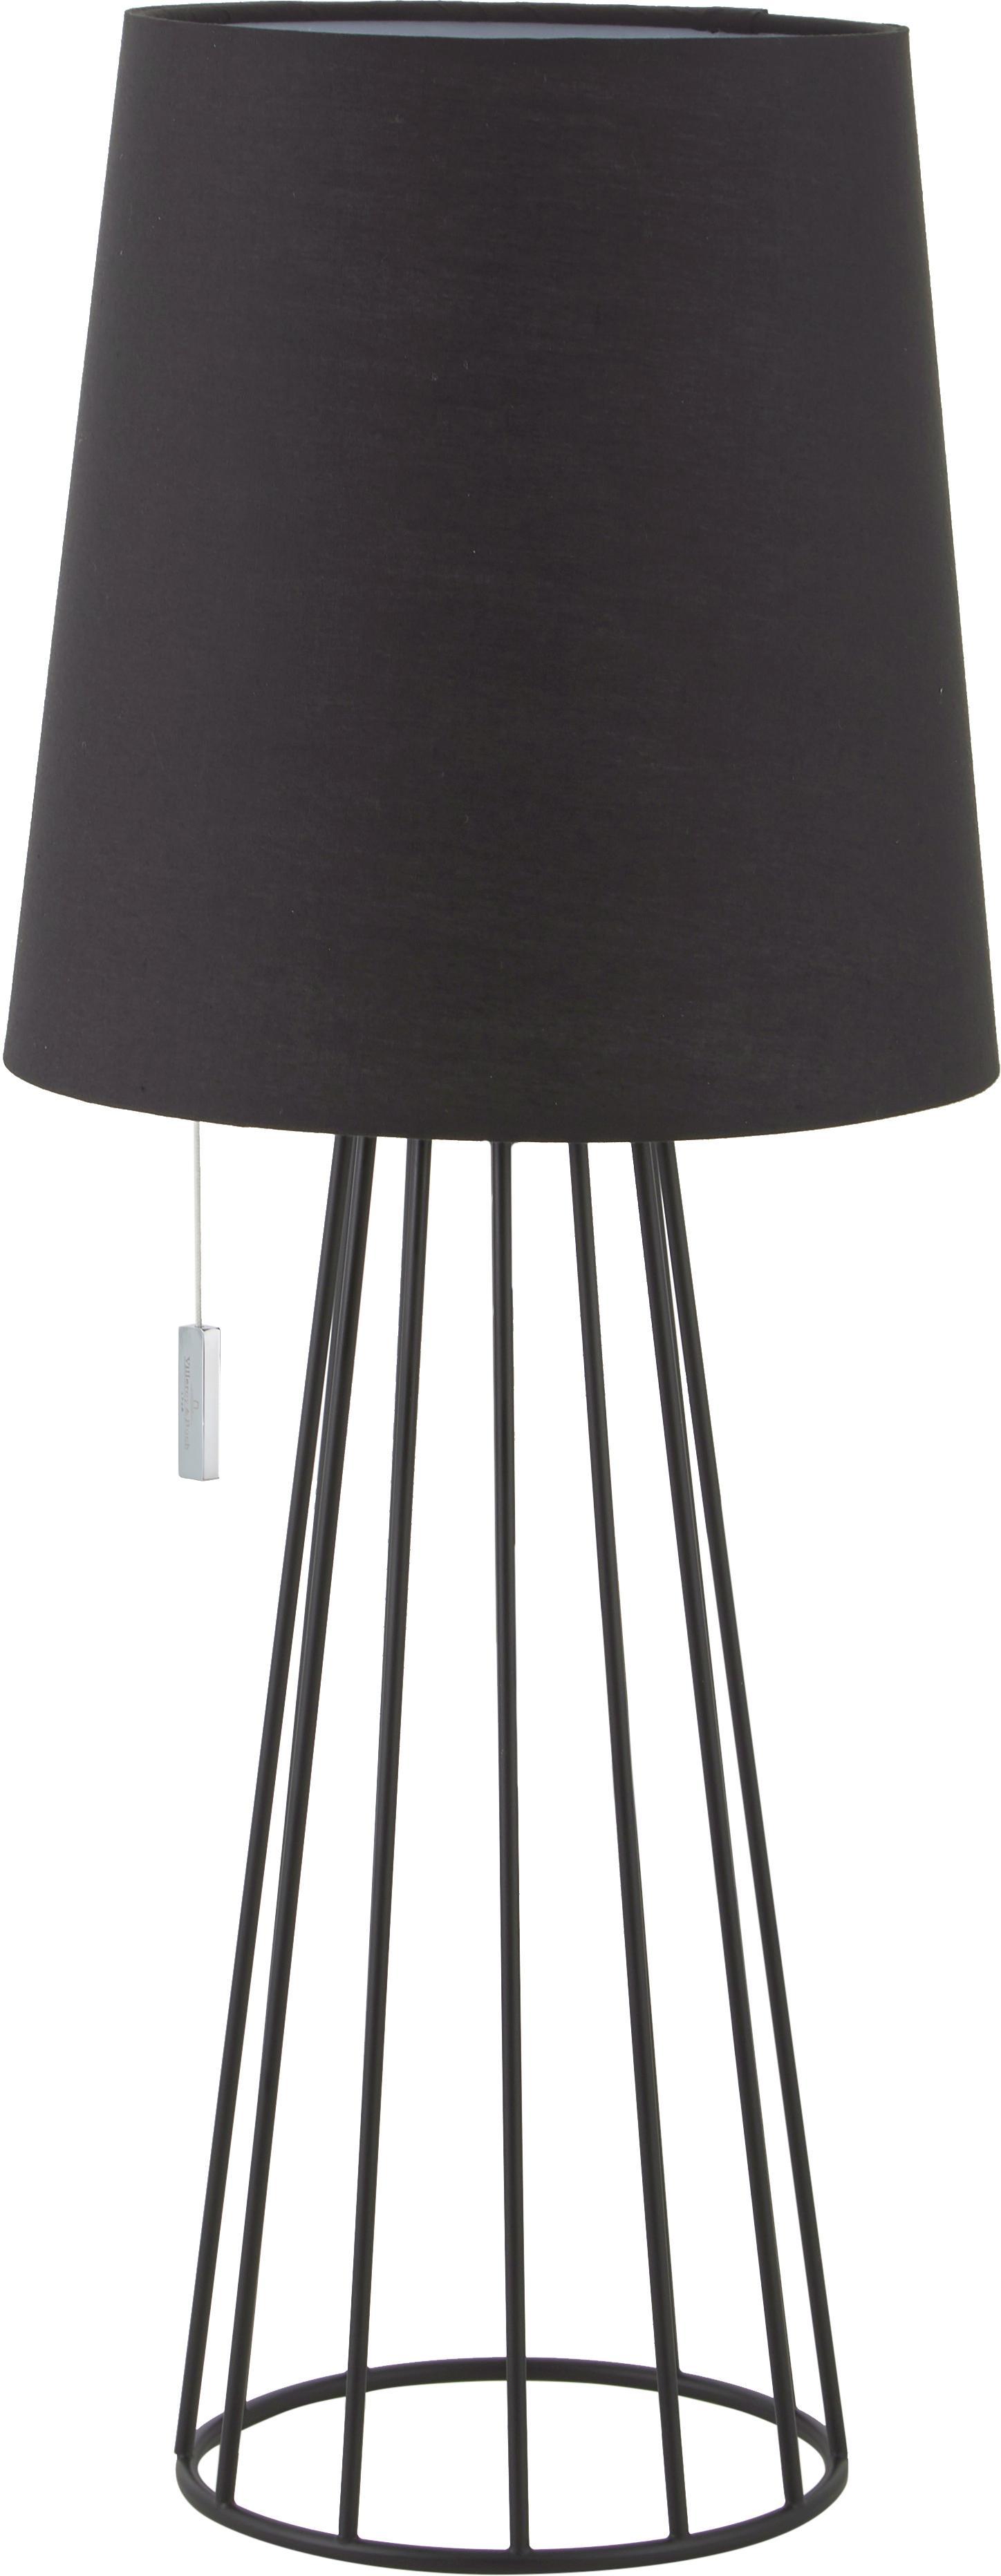 Lampada da tavolo Mailand, Base della lampada: metallo ottonato e vernic, Nero, Ø 23 x Alt. 59 cm